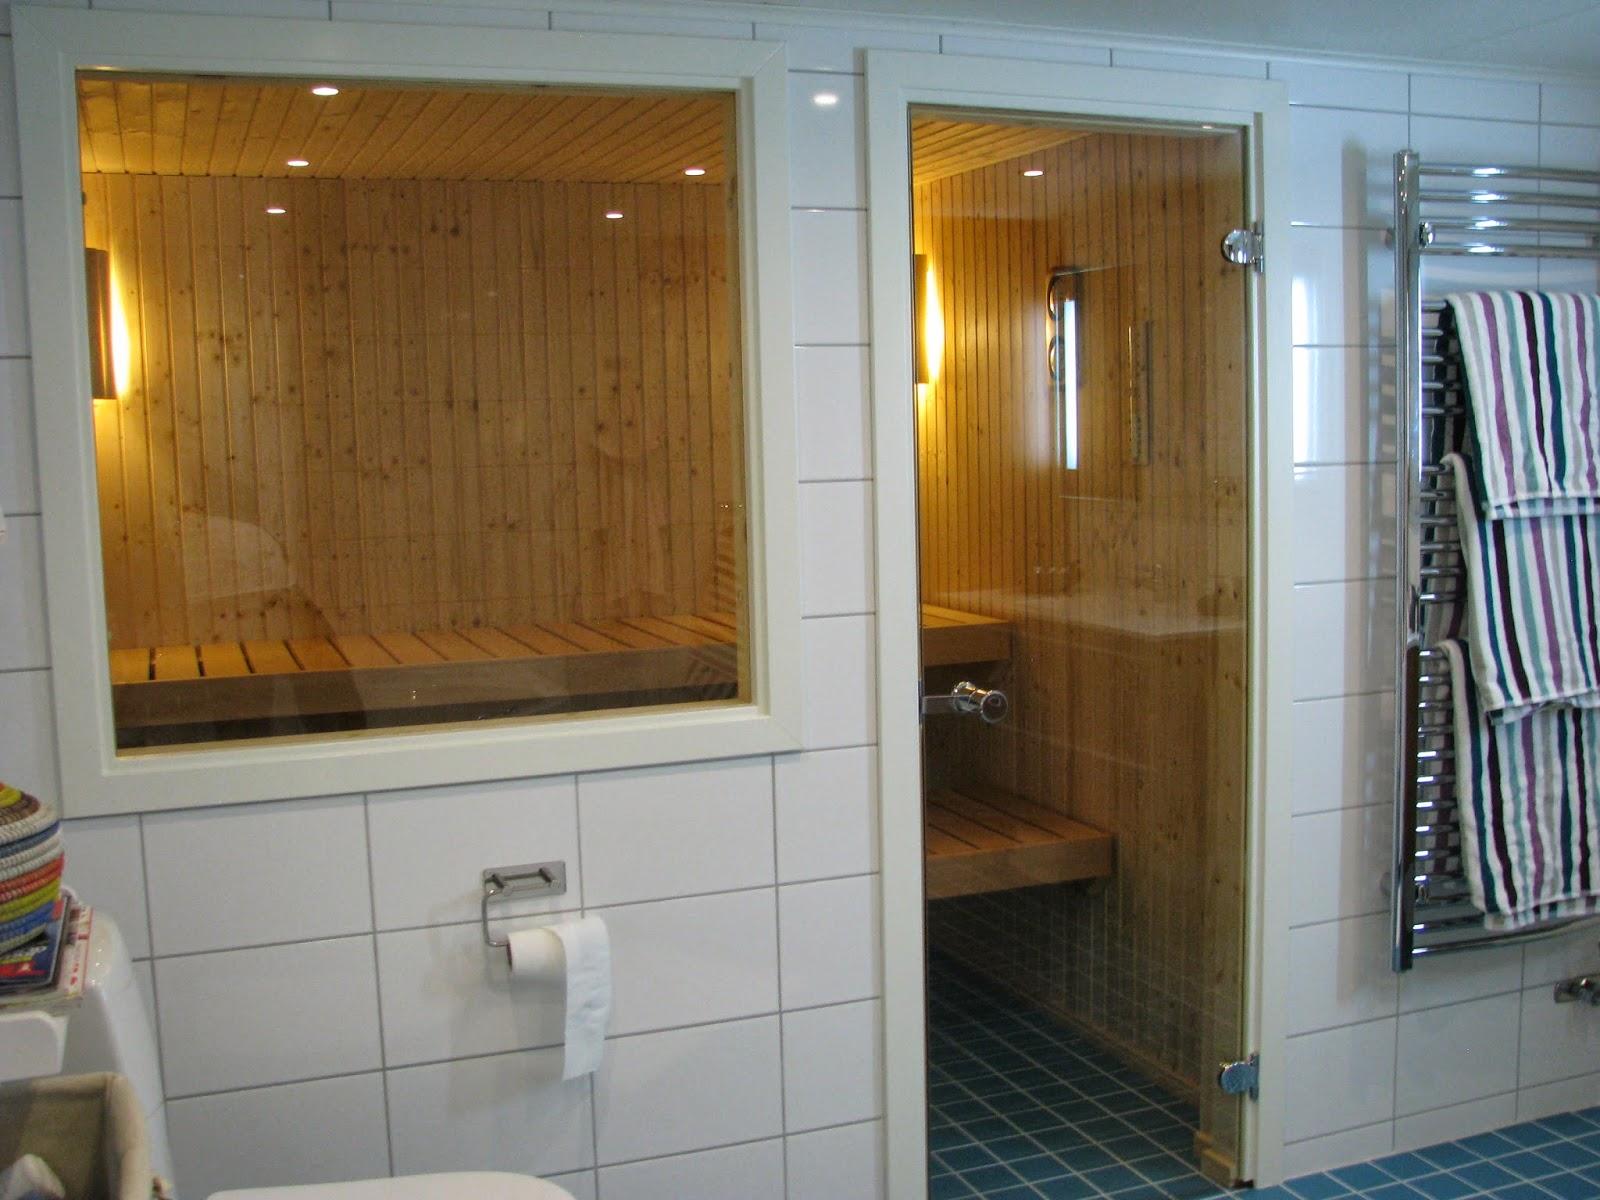 Agnesfrid - renoveringsblogg: Badrum och bastu färdiga!